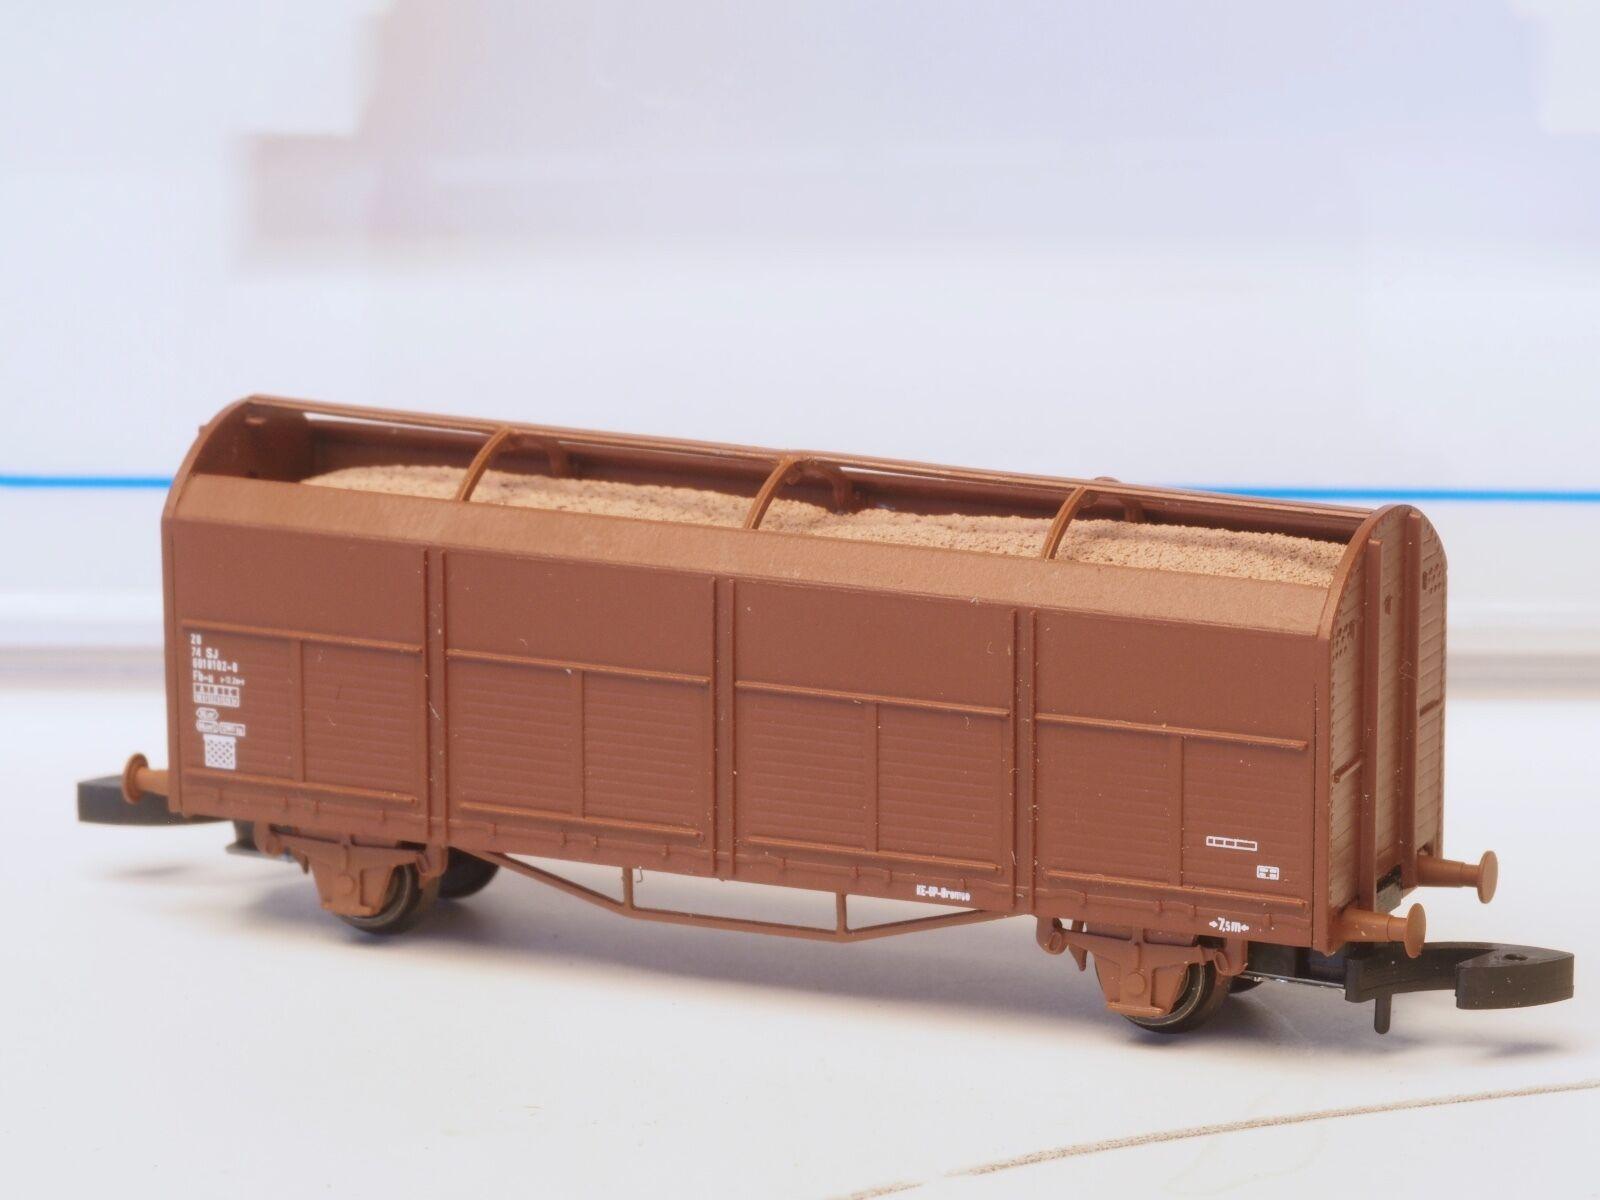 Fr Z-Scale Sj Träflisvagn Rauhfaser Auto Schwedisch Eisenbahnlinie Klasse Fb-U  | Reichhaltiges Design